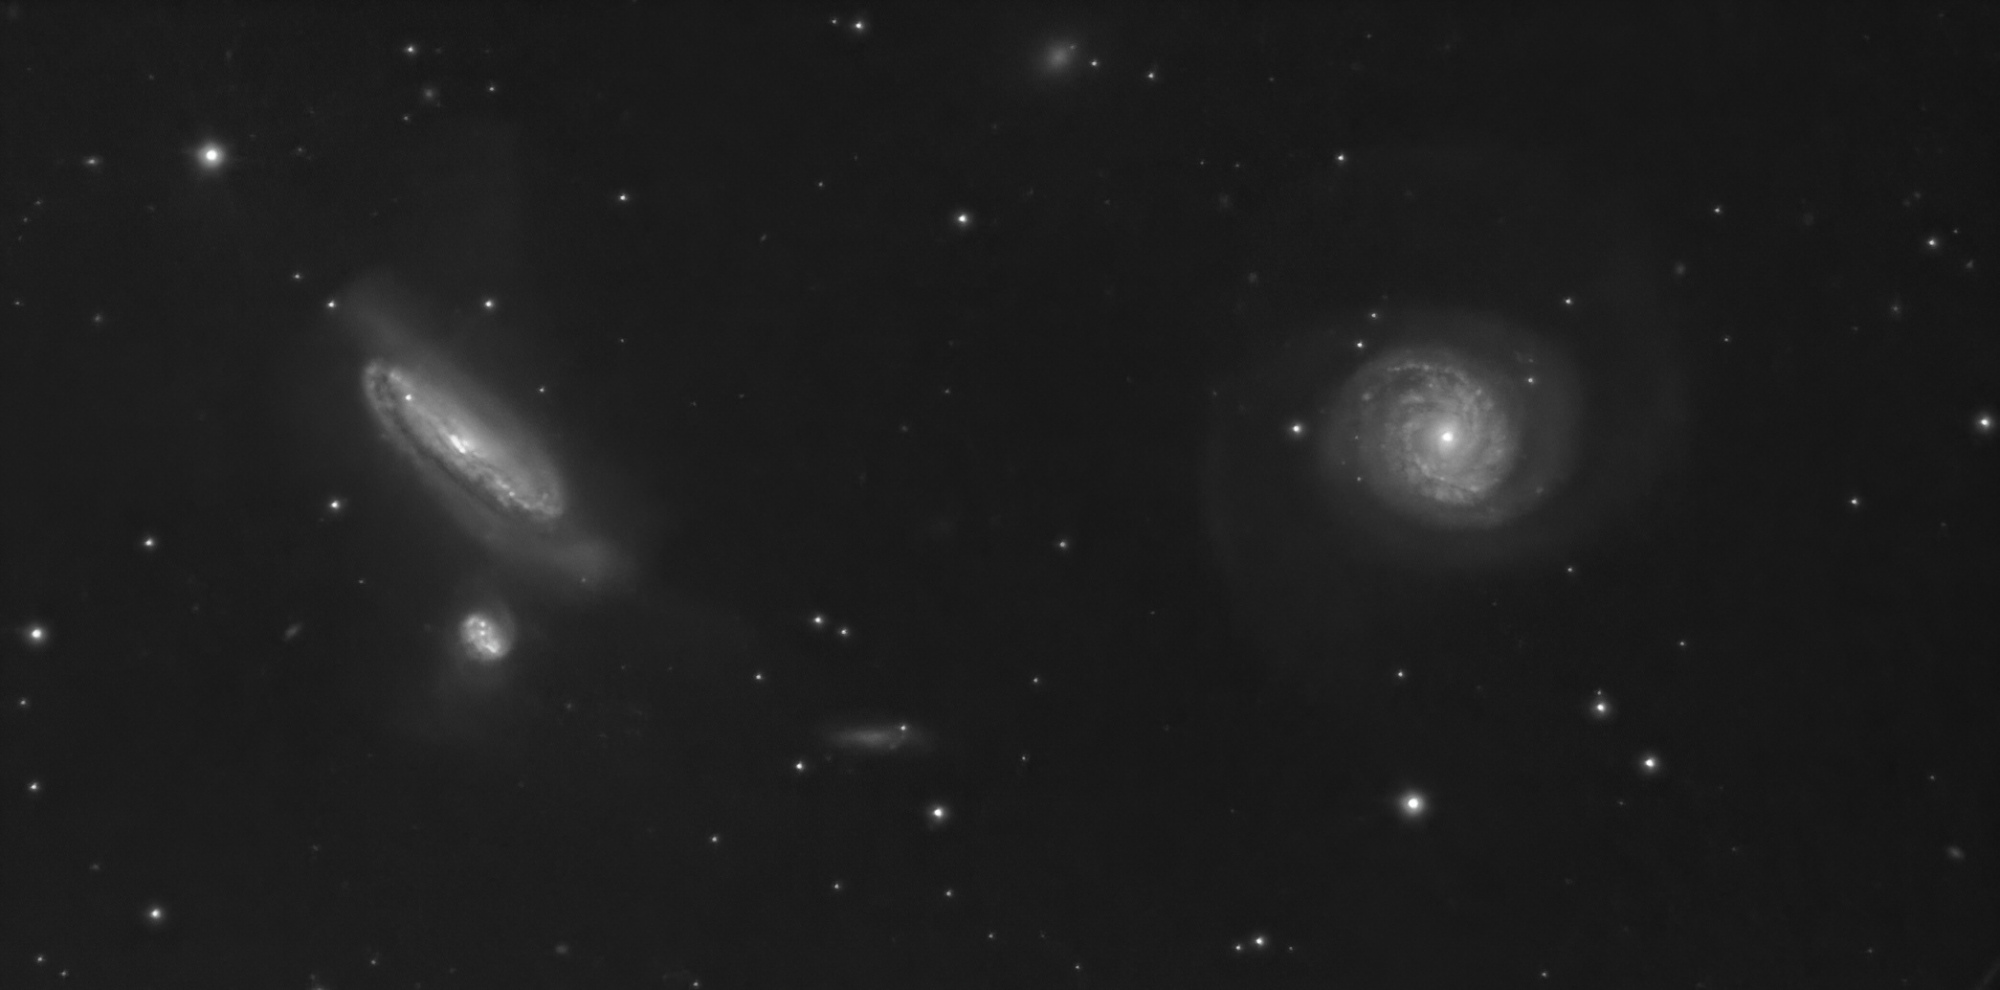 NGC7771-denoise-low-light.thumb.jpeg.e927e62da7d2f99007c22d8f2a6c0ce0.jpeg